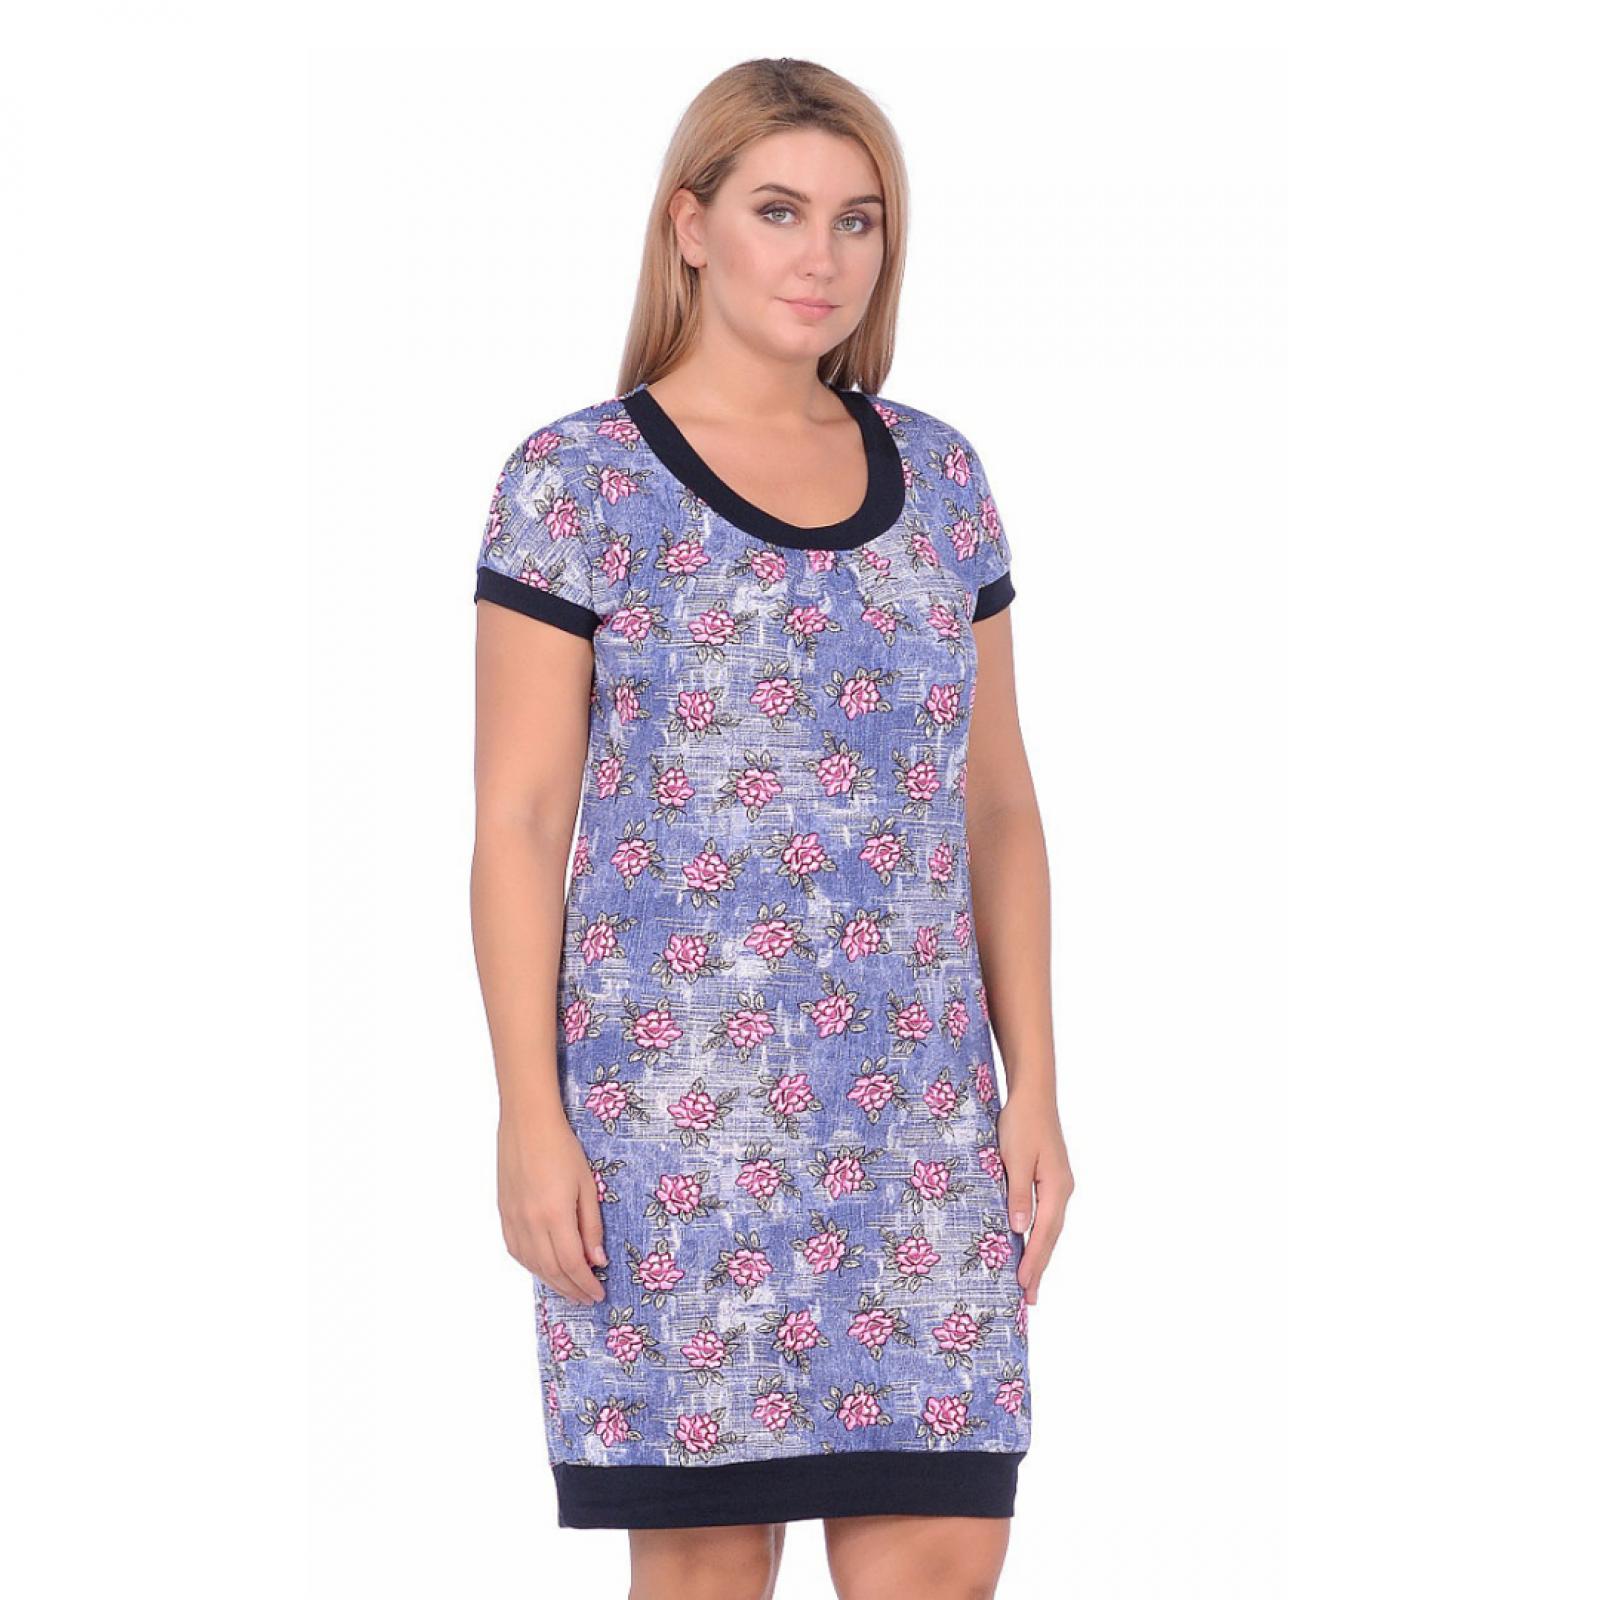 Платье Цветы (джинс, розовые цветы) М-0080